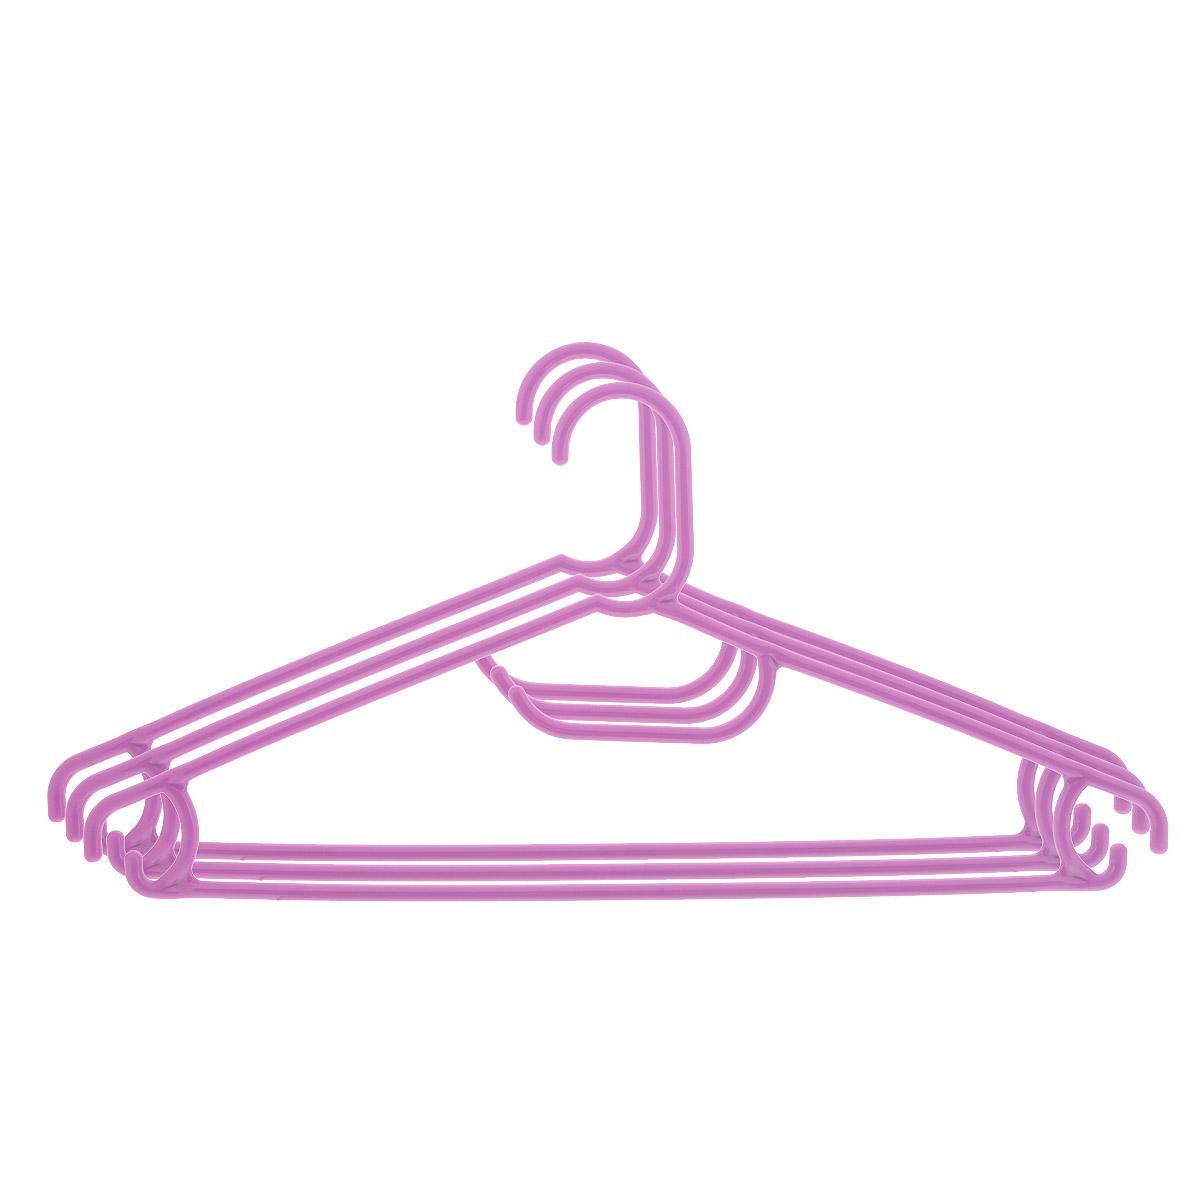 Набор вешалок Econova, цвет: фиолетовый, размер 48, 3 шт25051 7_зеленыйНабор Econova, выполненный из прочного пластика, состоит из 3 вешалок.Каждое изделие оснащено перекладиной, боковыми крючками, а также крючком для галстуков. Вешалка - это незаменимая вещь для того, чтобы ваша одежда всегда оставалась в хорошем состоянии.Комплектация: 3 шт.Размер одежды: 48.